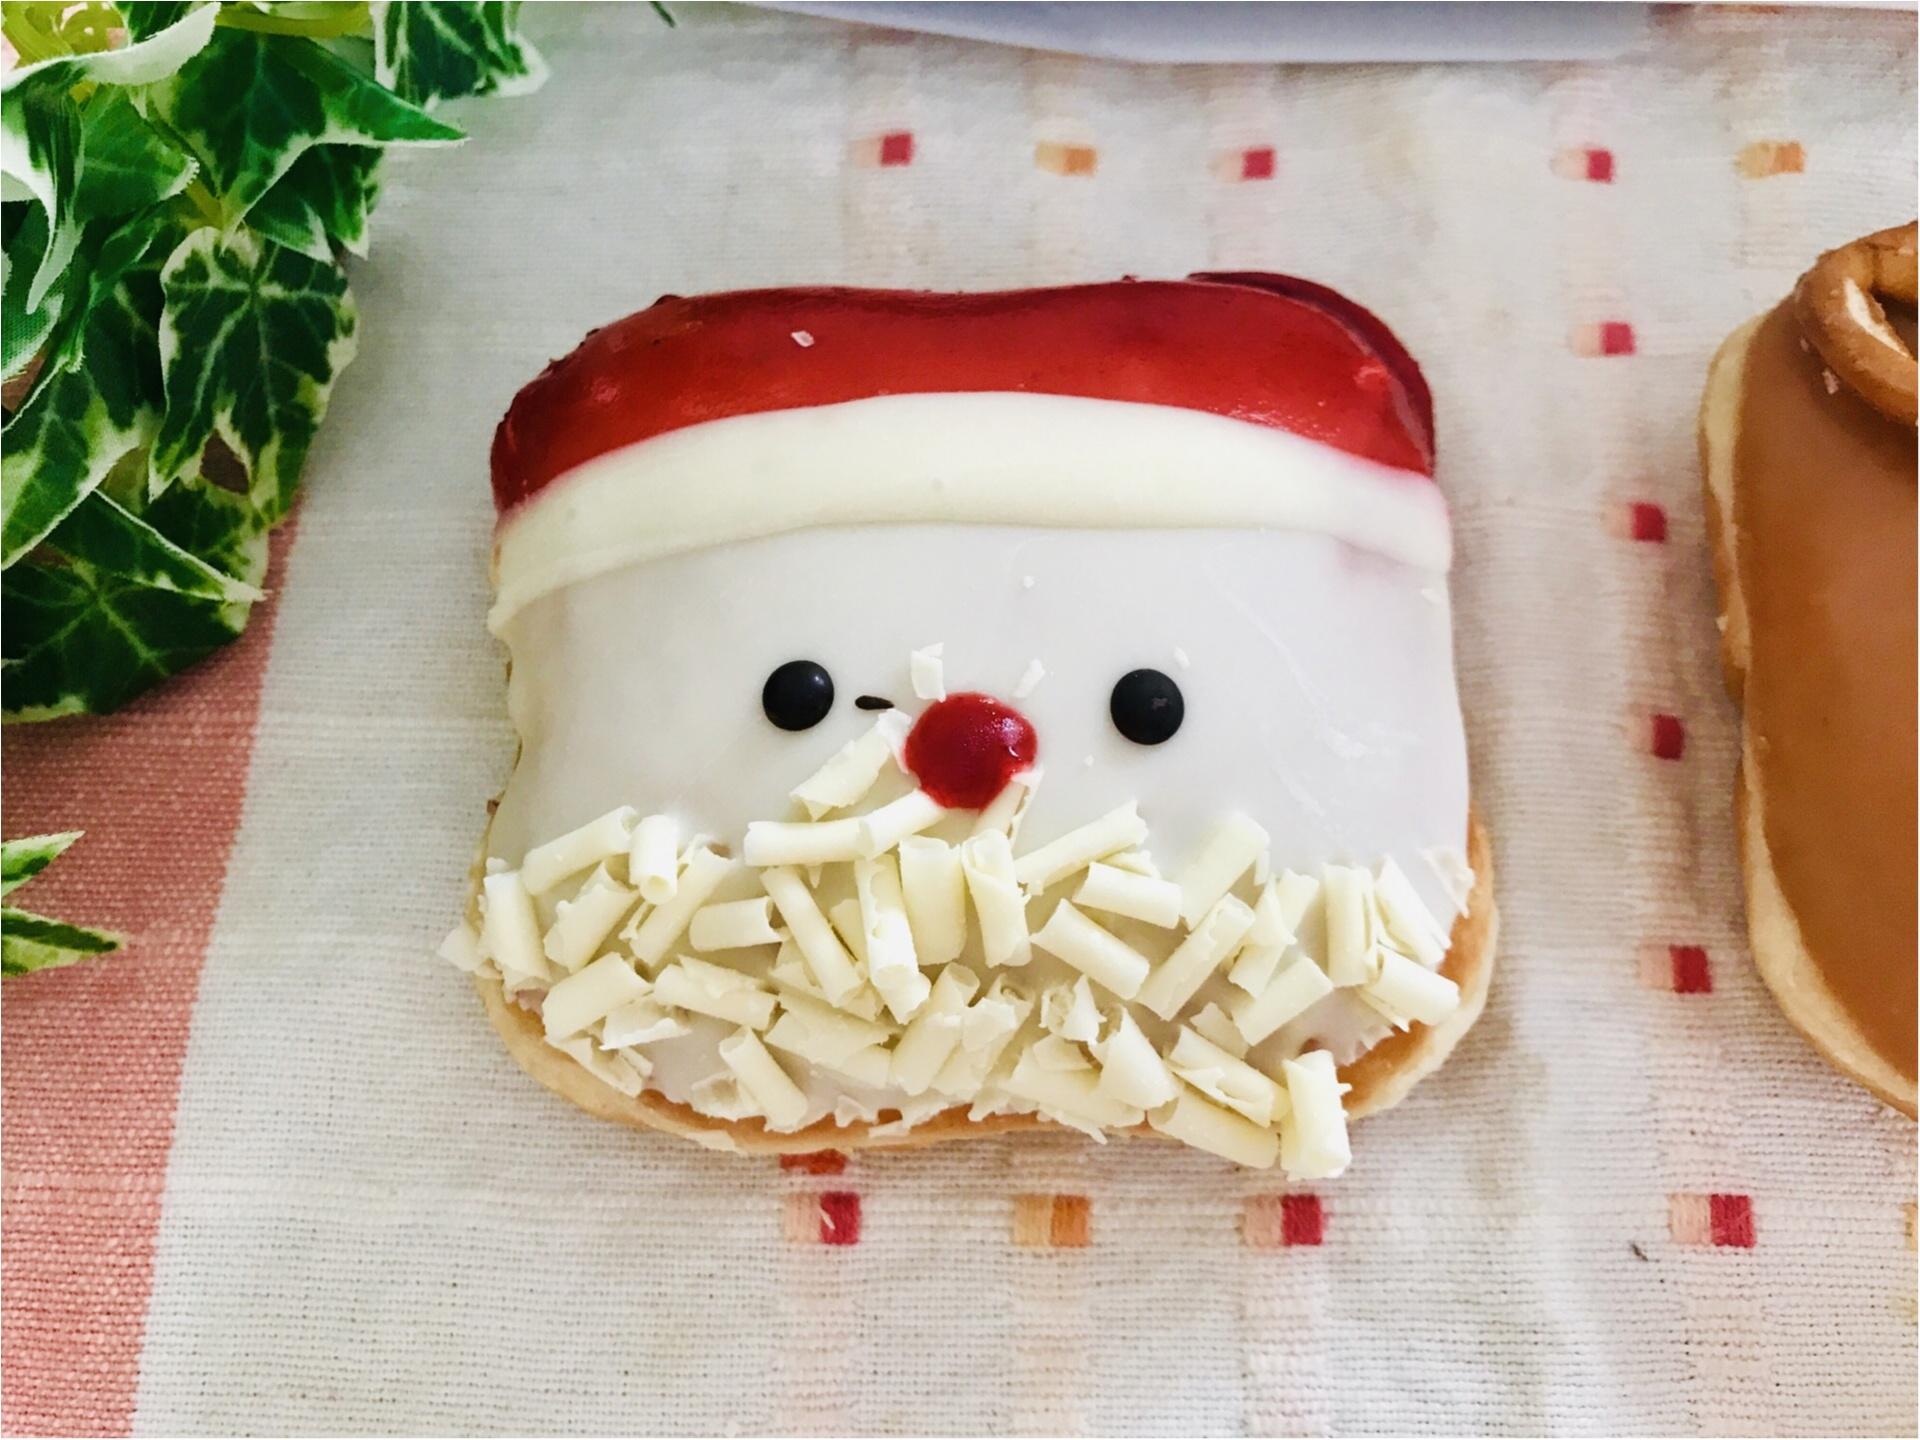 【クリスピークリームドーナツ】クリスマス限定ドーナツが可愛すぎると絶賛の嵐♡_3